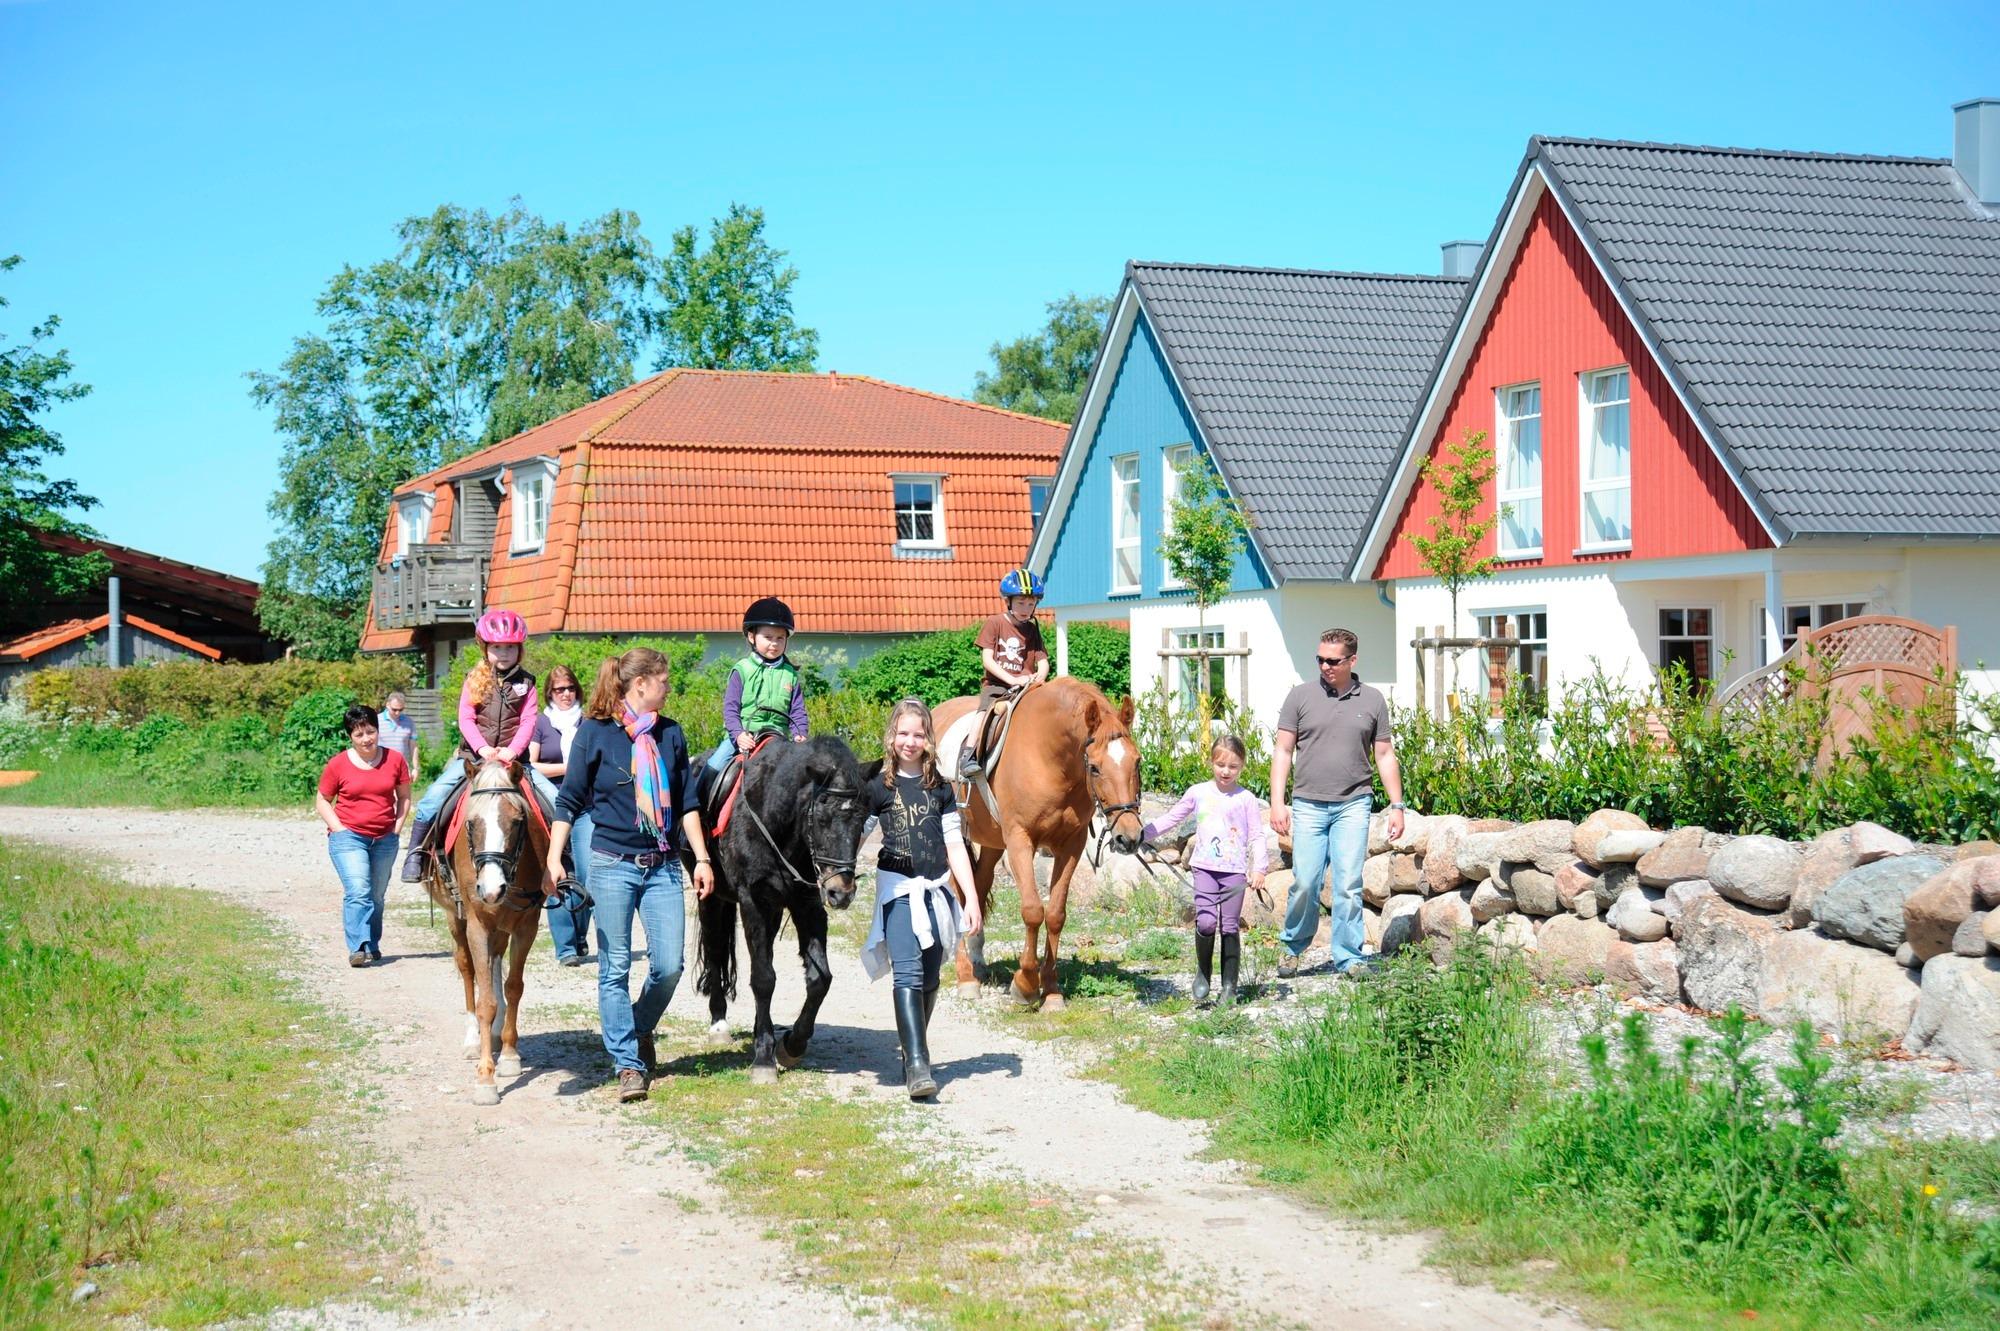 Ferienwohnung Bauernhof Köhlbrandt - Terrassenwohnung (763919), Todendorf, Fehmarn, Schleswig-Holstein, Deutschland, Bild 5